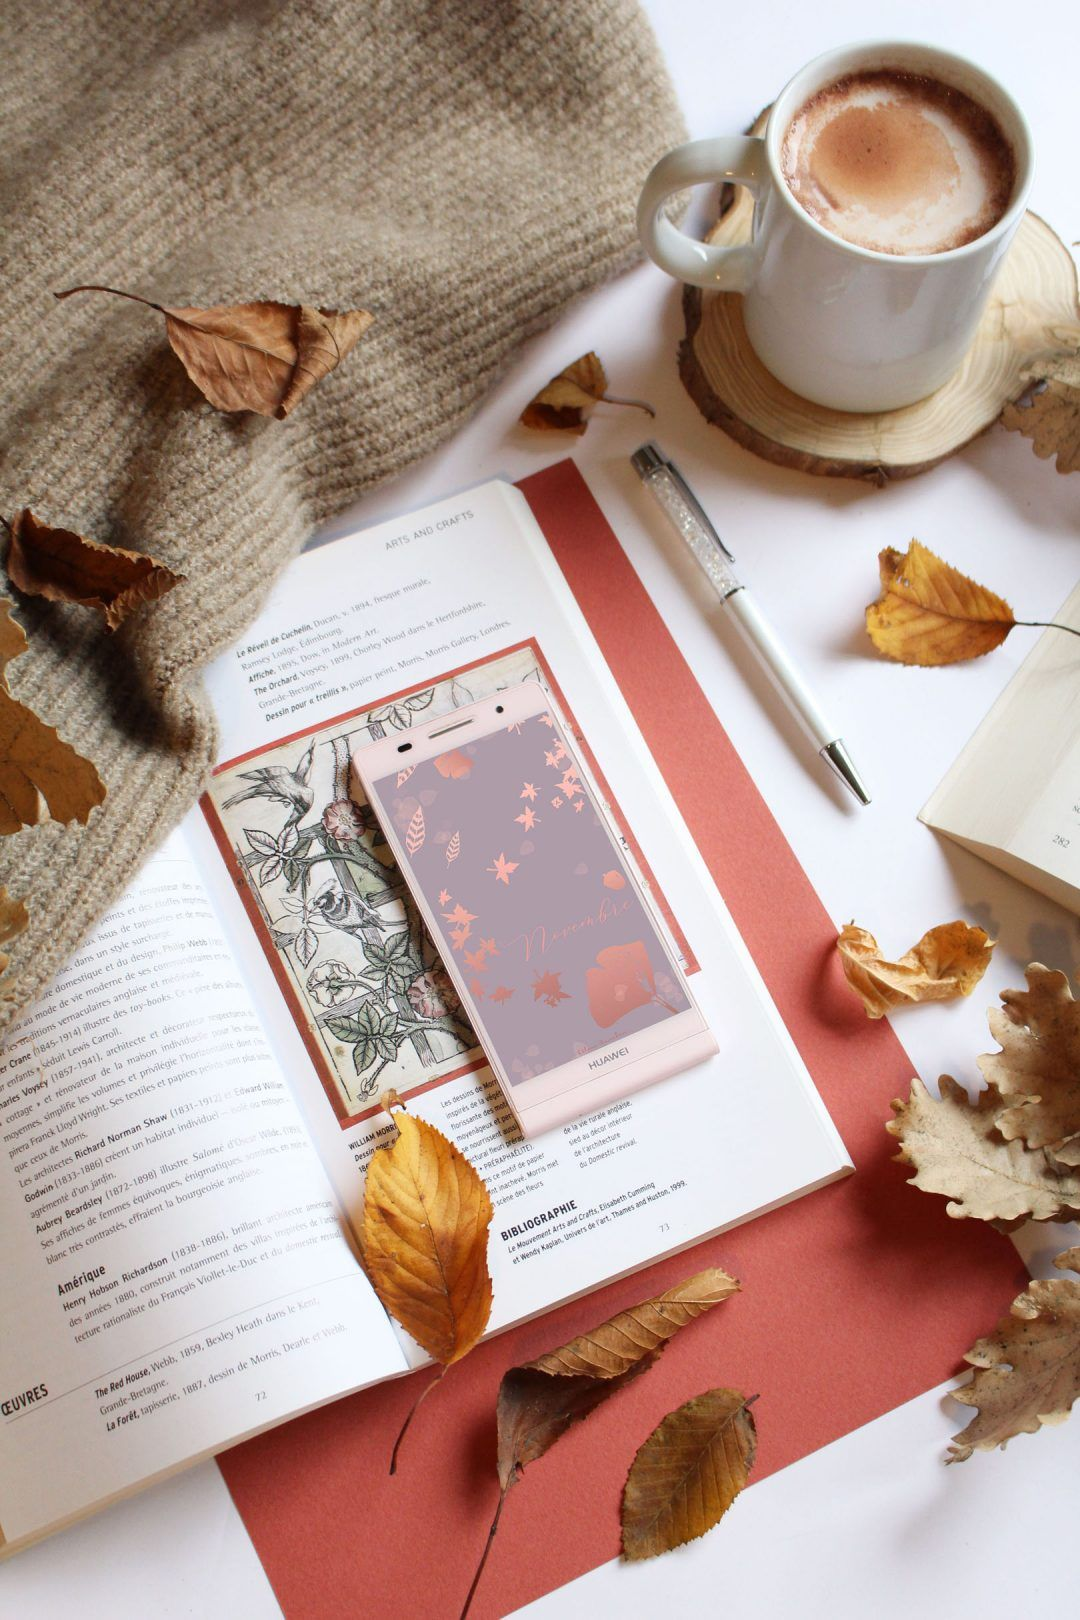 Fond D Ecran Automne A Telecharger Gratuitement Autumn Wallpaper Free Download On The Blog By Illustrator And Blogger Ce Fond Ecran Automne Fond Ecran Celine